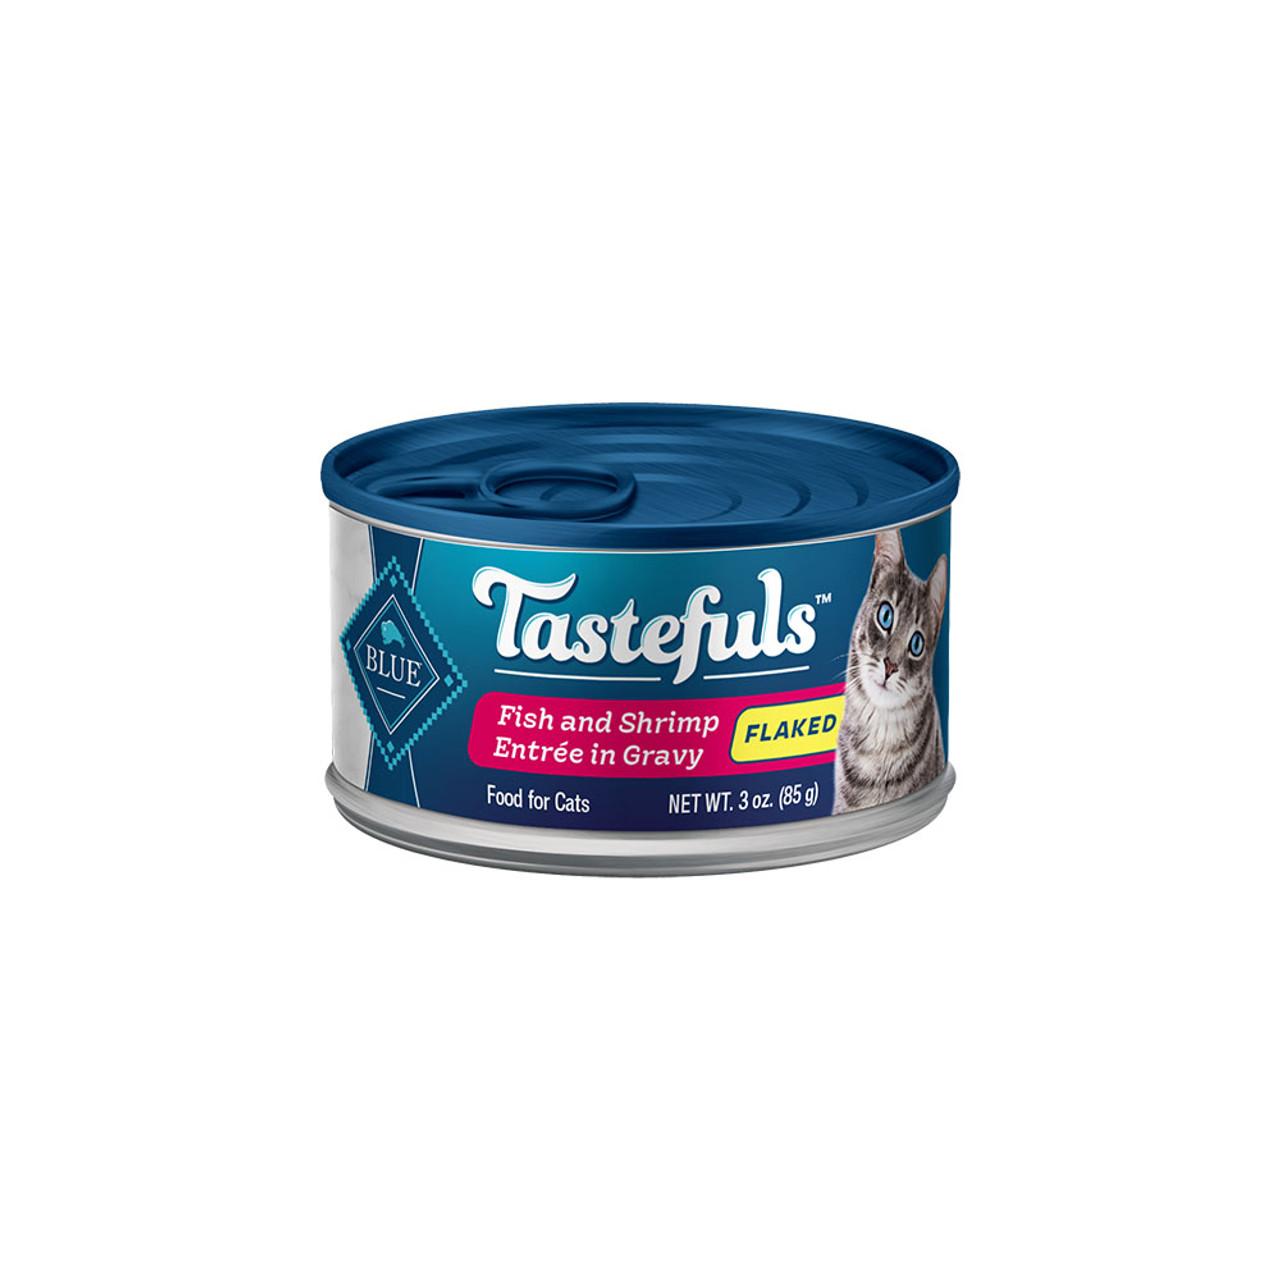 Blue Tastefuls Flaked Fish & Shrimp Entrée in Gravy Canned Cat Food - Front